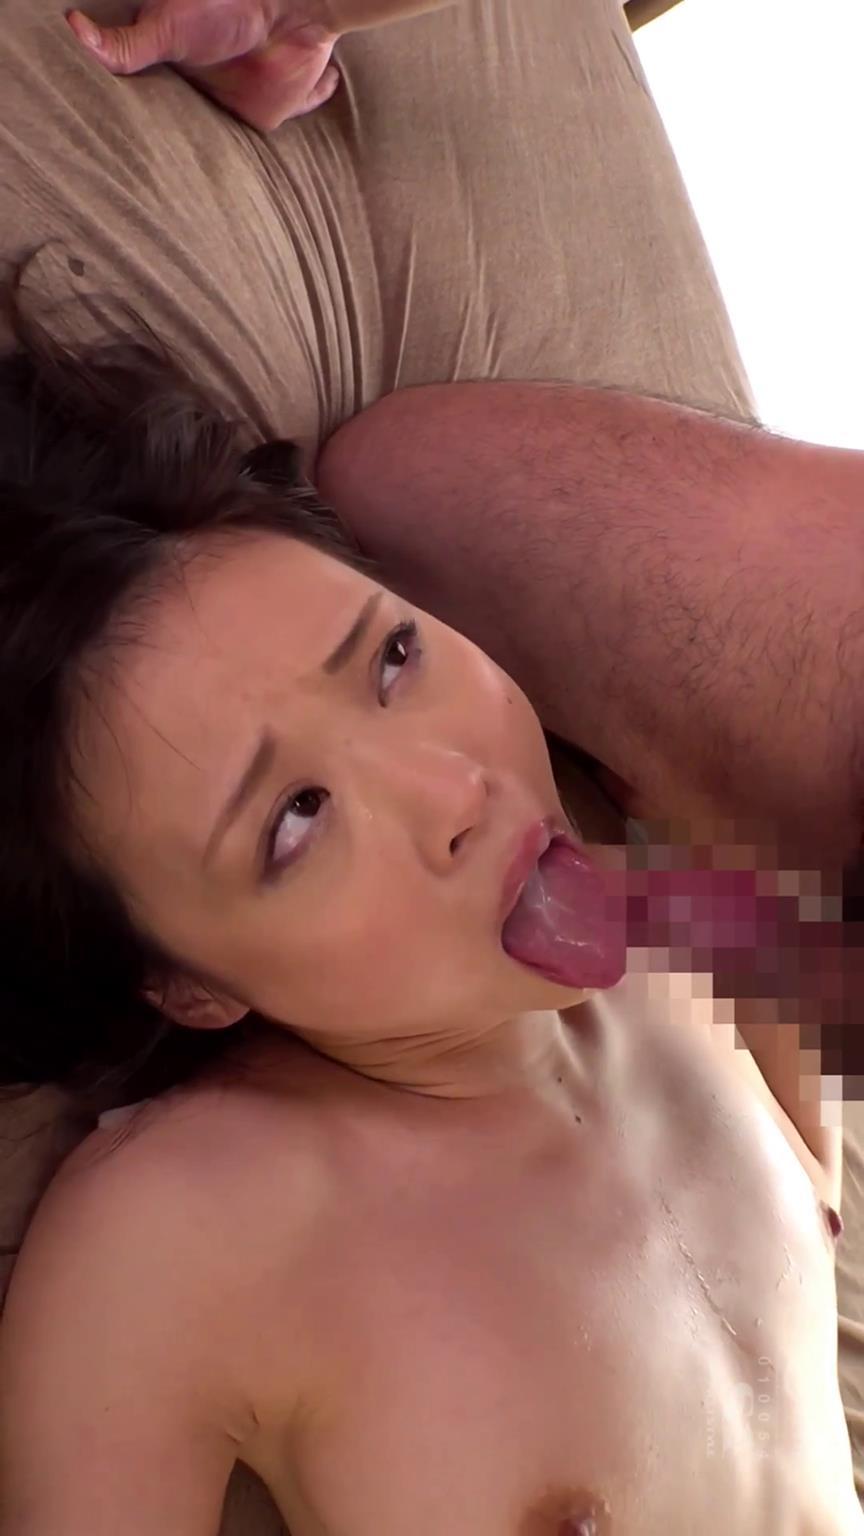 image http://scanlover.com/assets/images/11110-46bcSQFe3k2OTBJY.jpeg